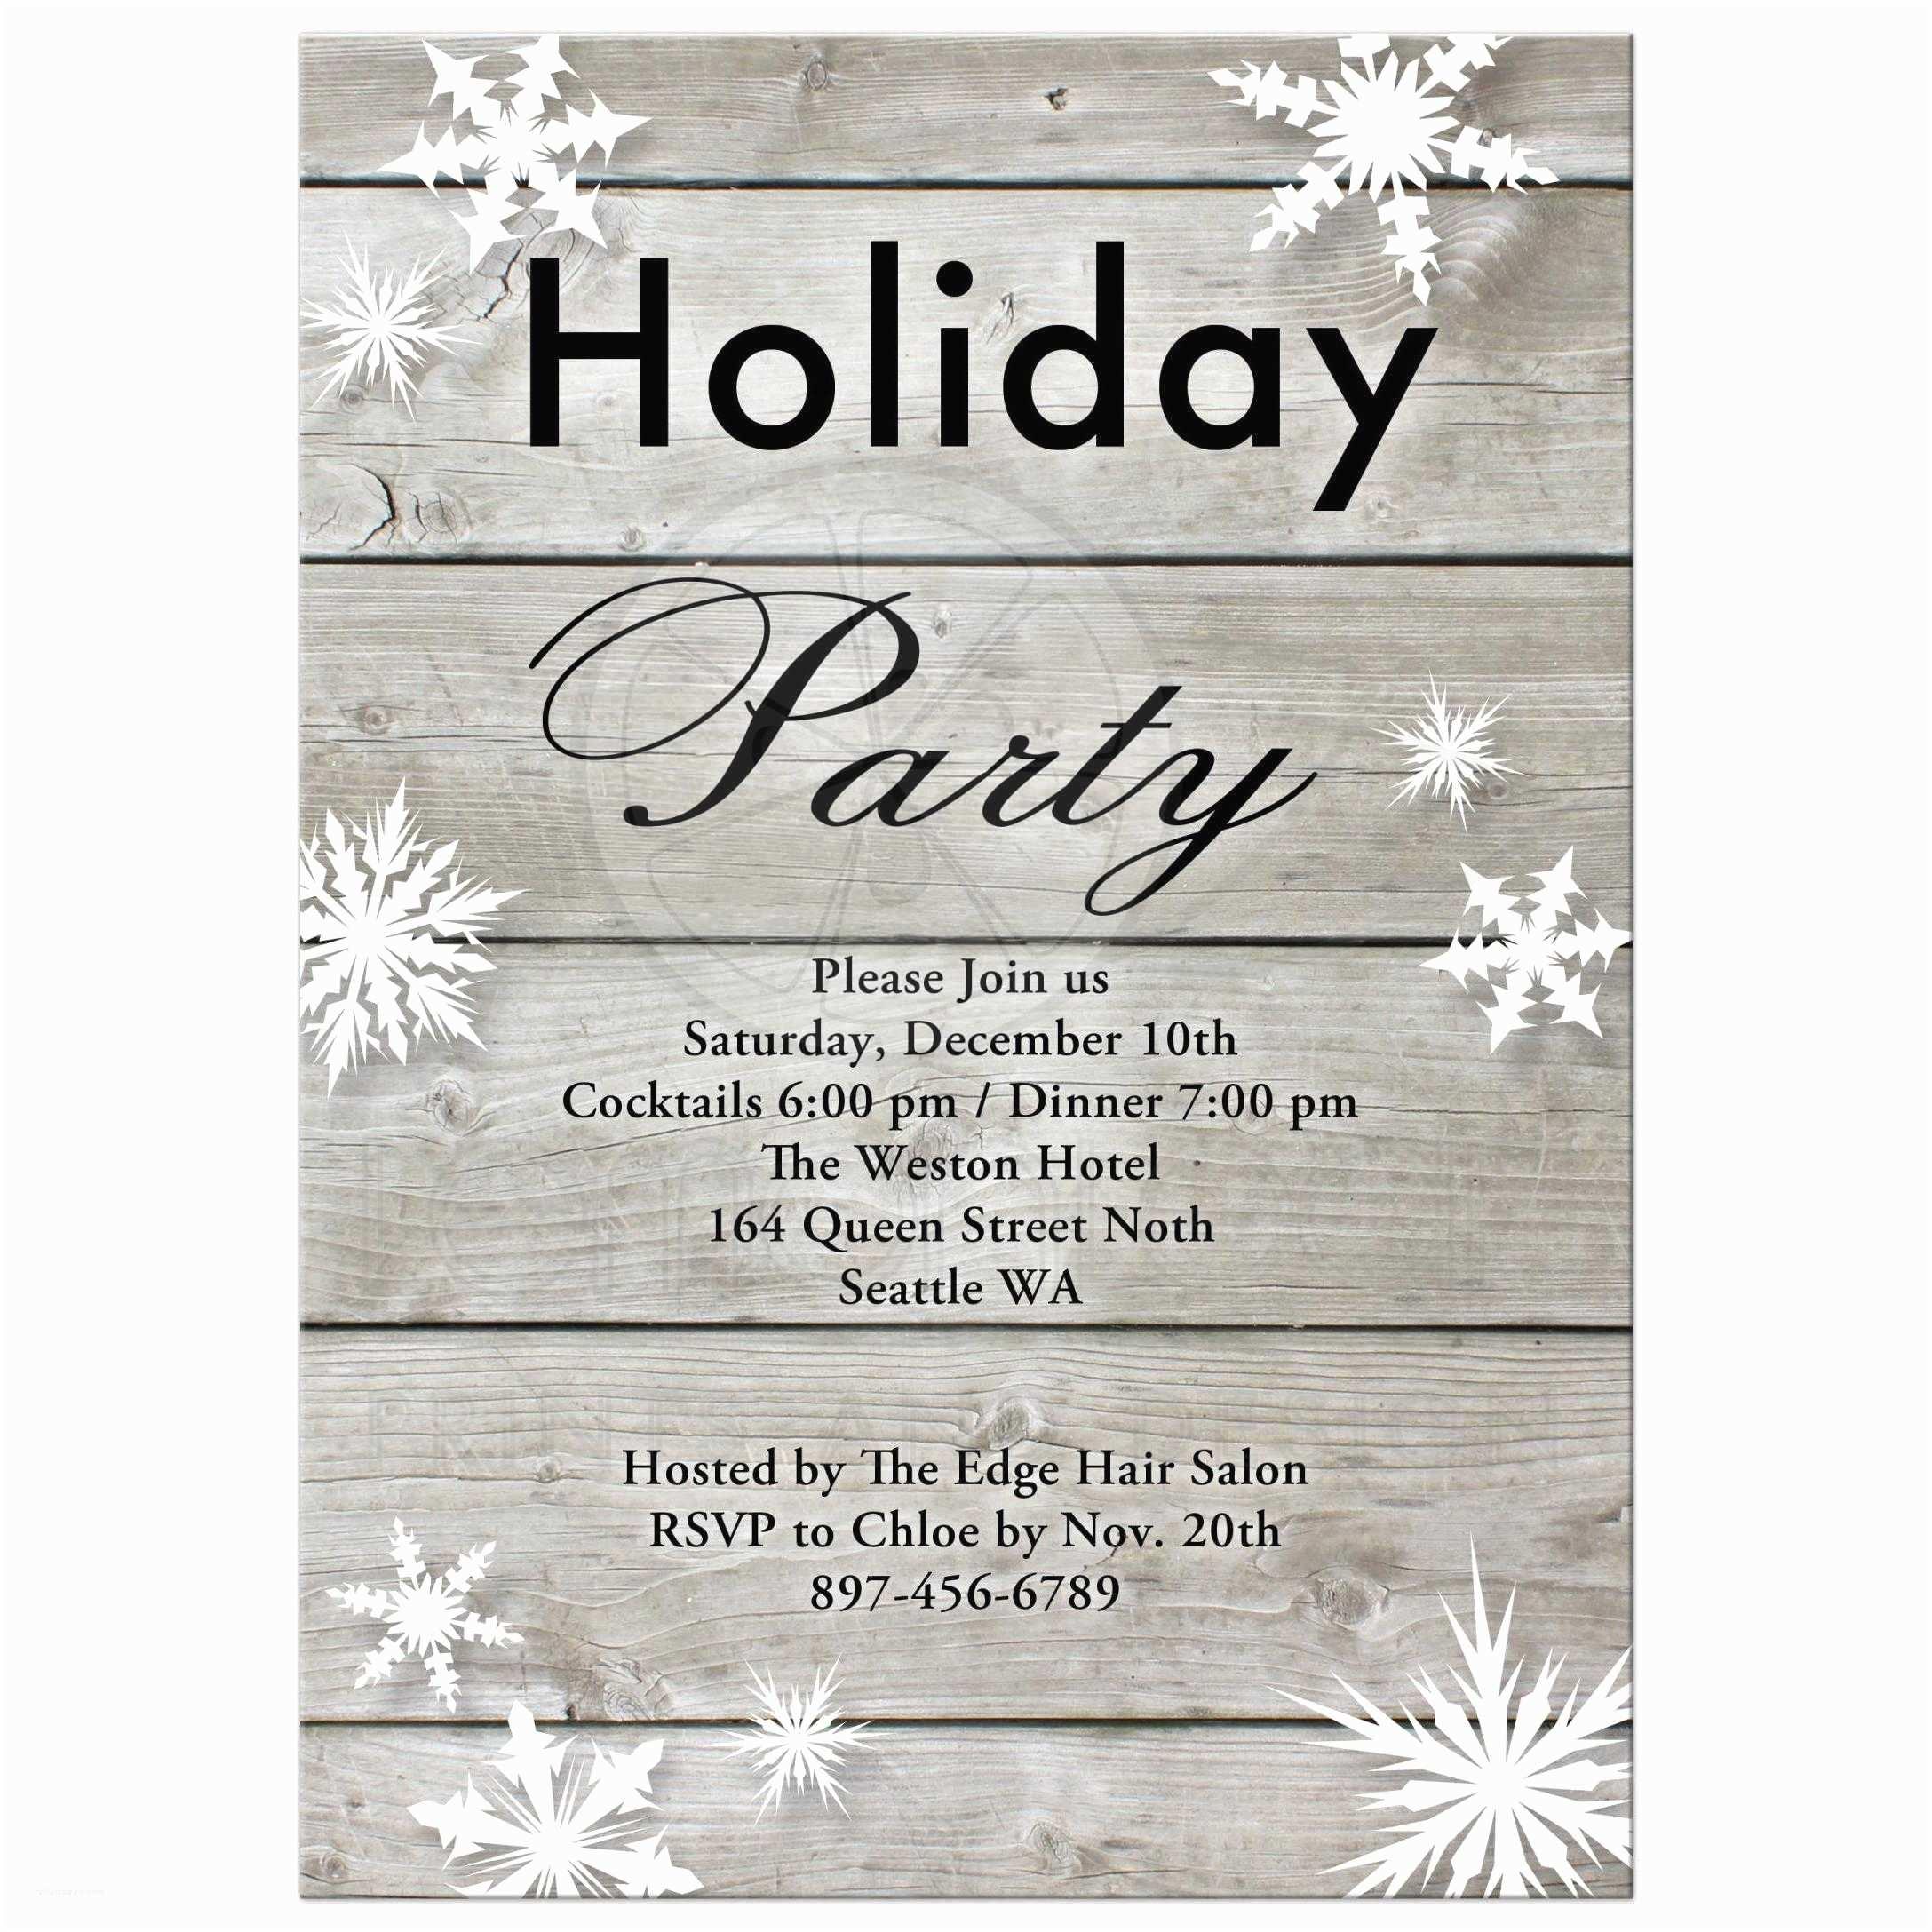 Company Holiday Party Invitation Corporate Holiday Party Invitation On Barn Board